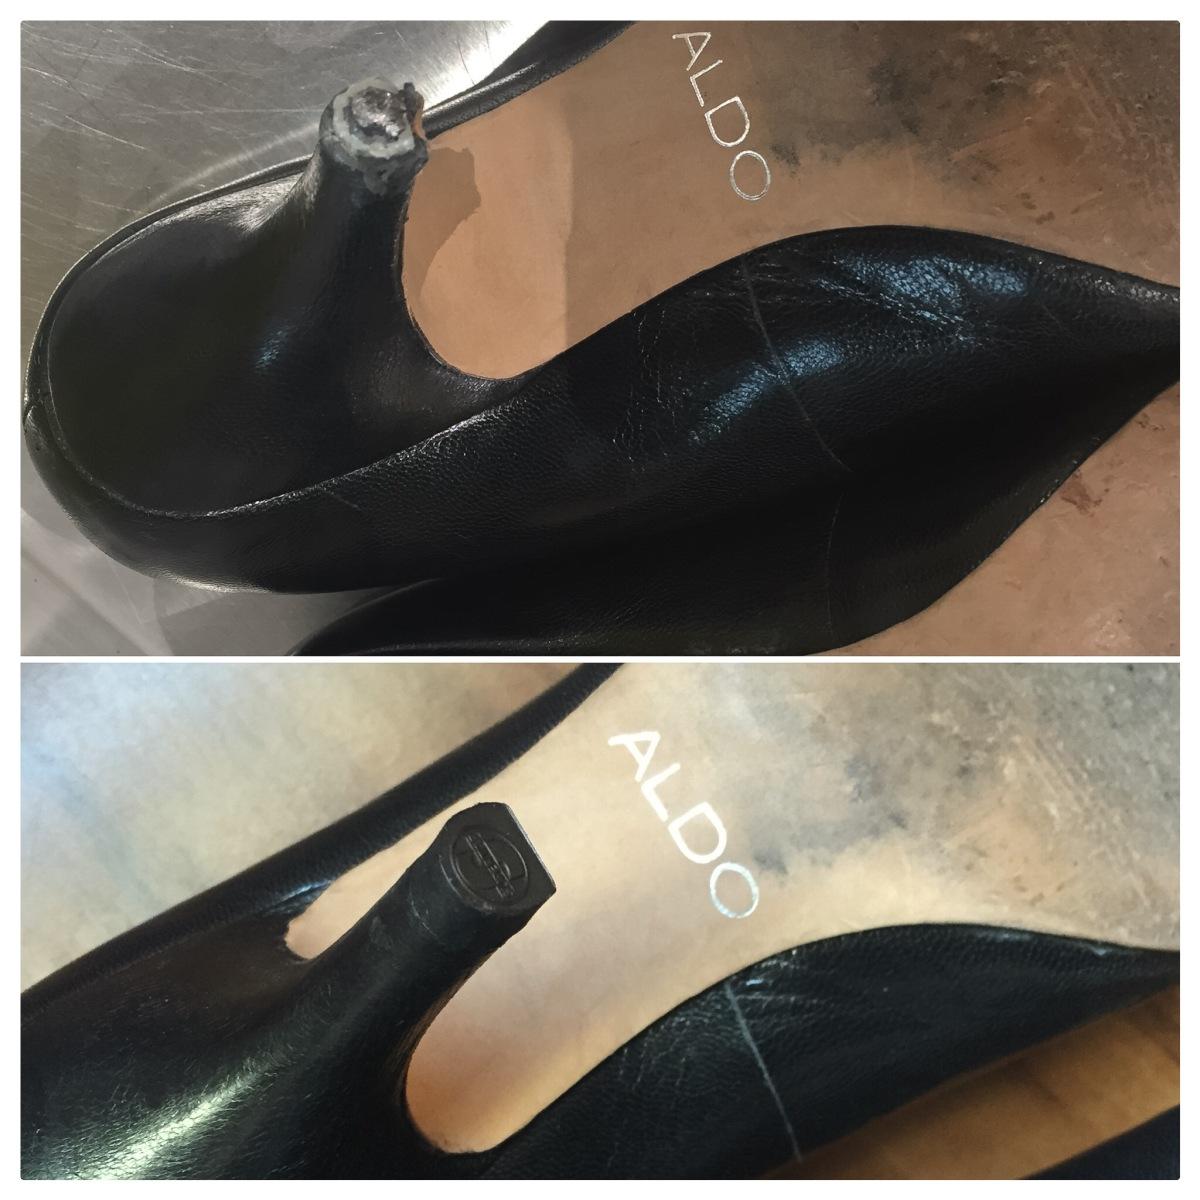 Aldo Shoe Repair Service